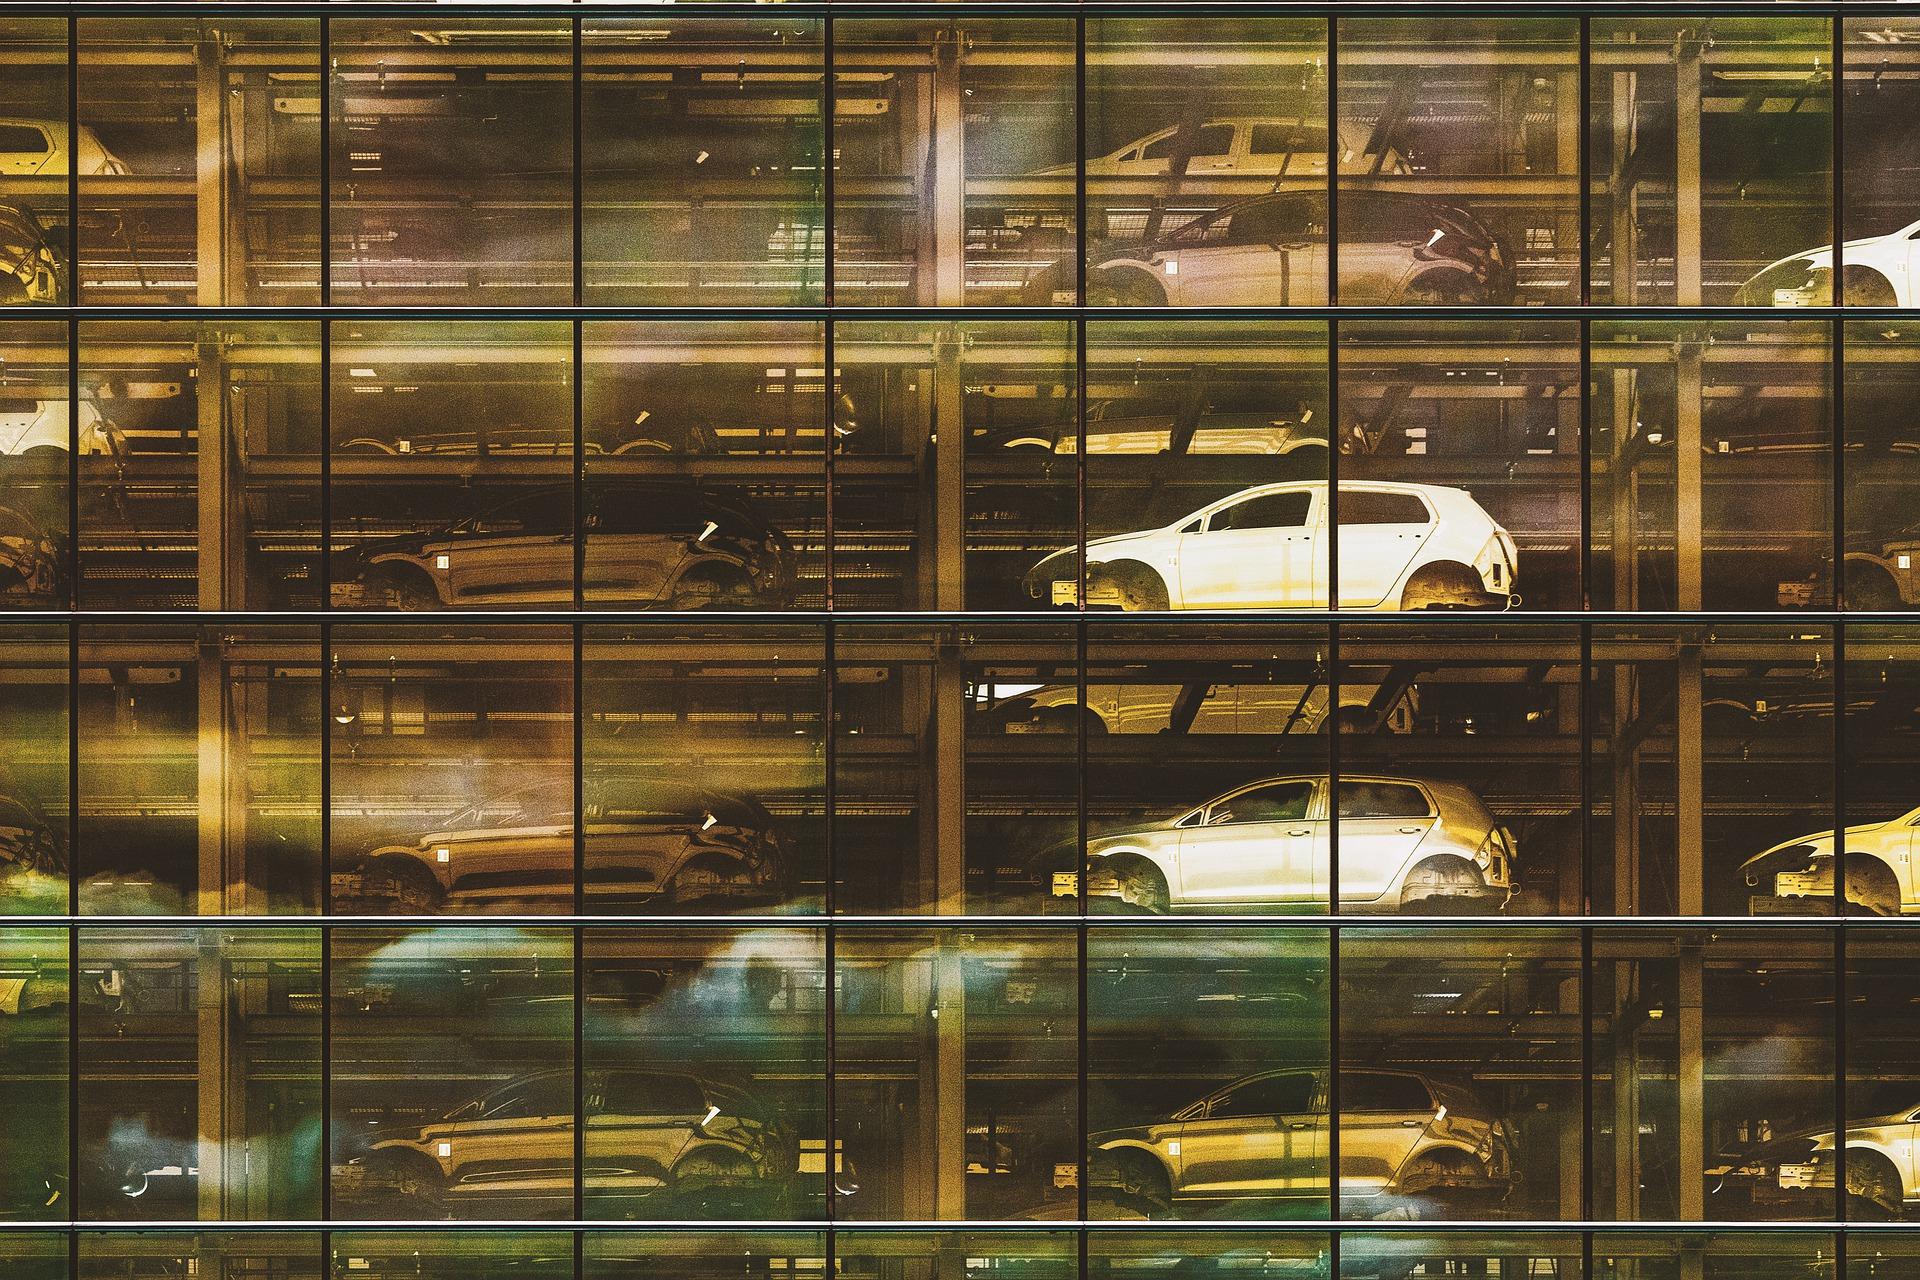 Mi kell a globális autóipari ellátási lánc rendbetételéhez?